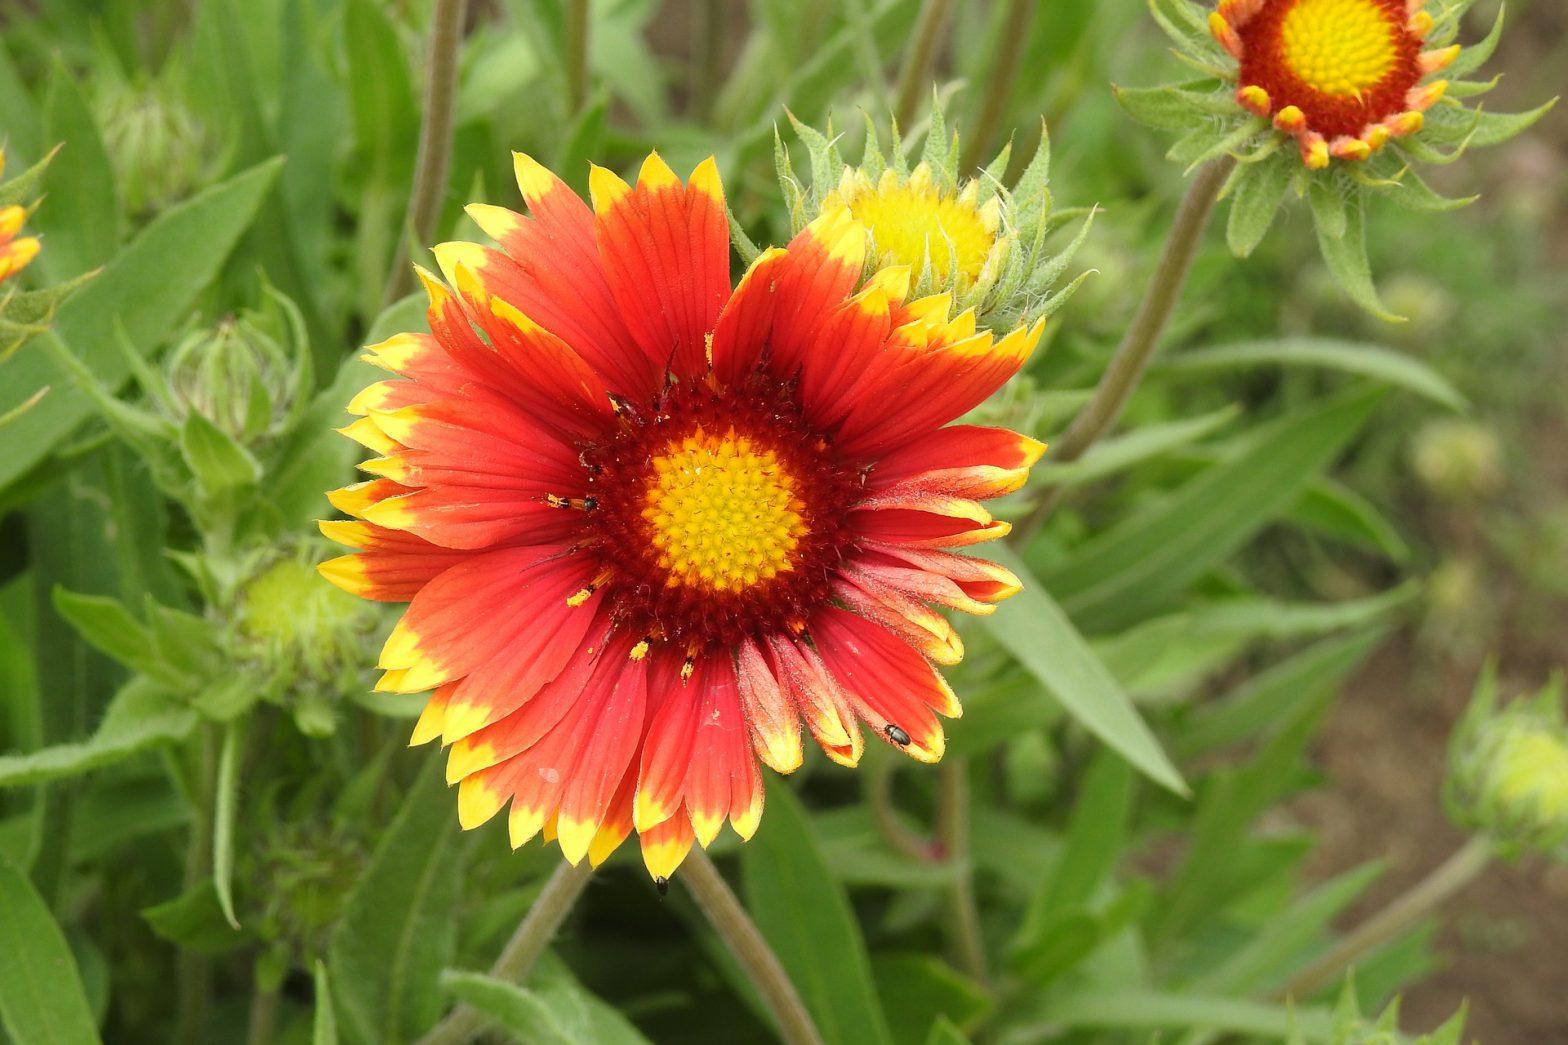 Kwiaty długo kwitnące świetnie zdobią ogród